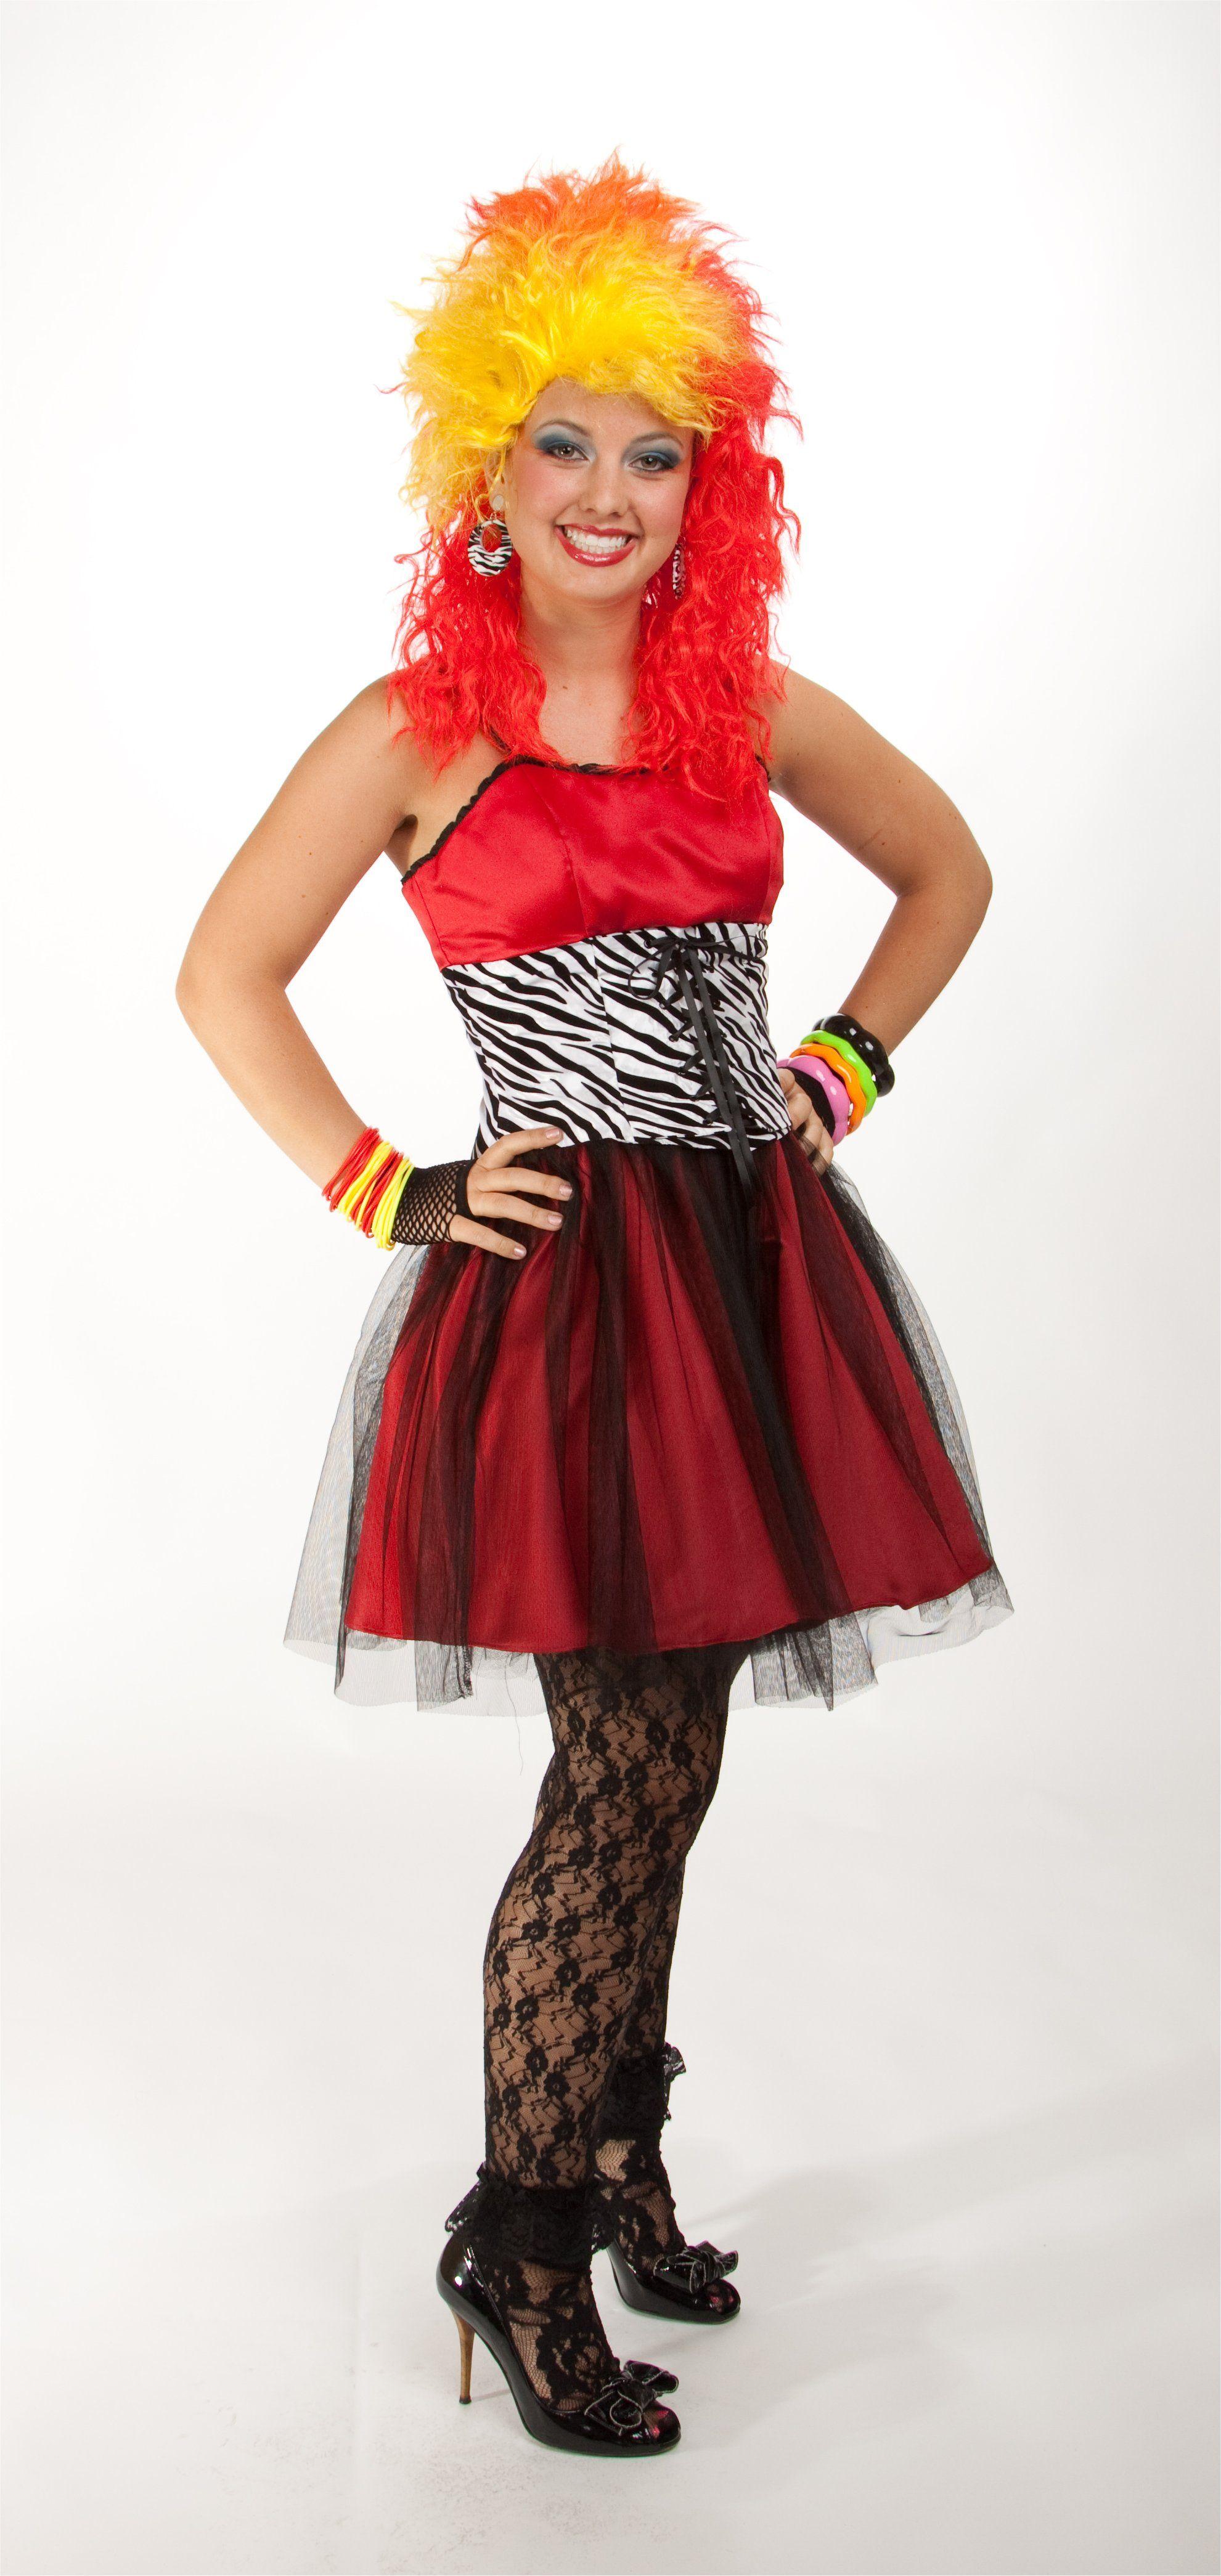 80s punk rock fashion women 2